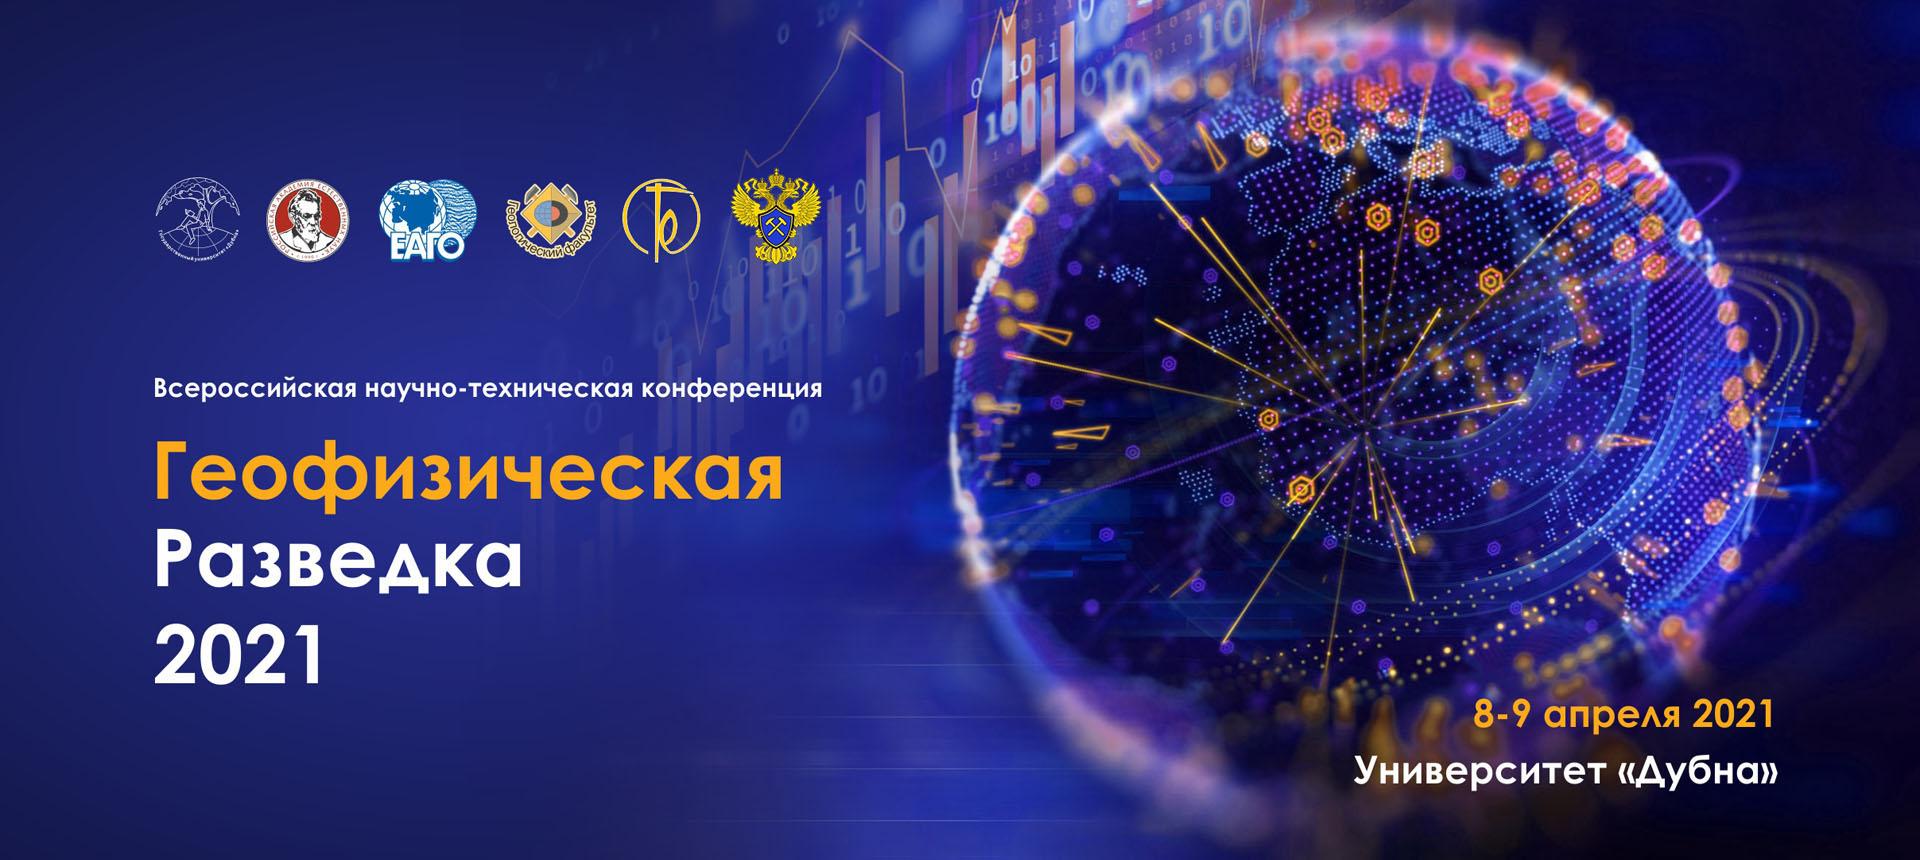 Всероссийская научно-техническая конференция «Геофизическая разведка – 2019»